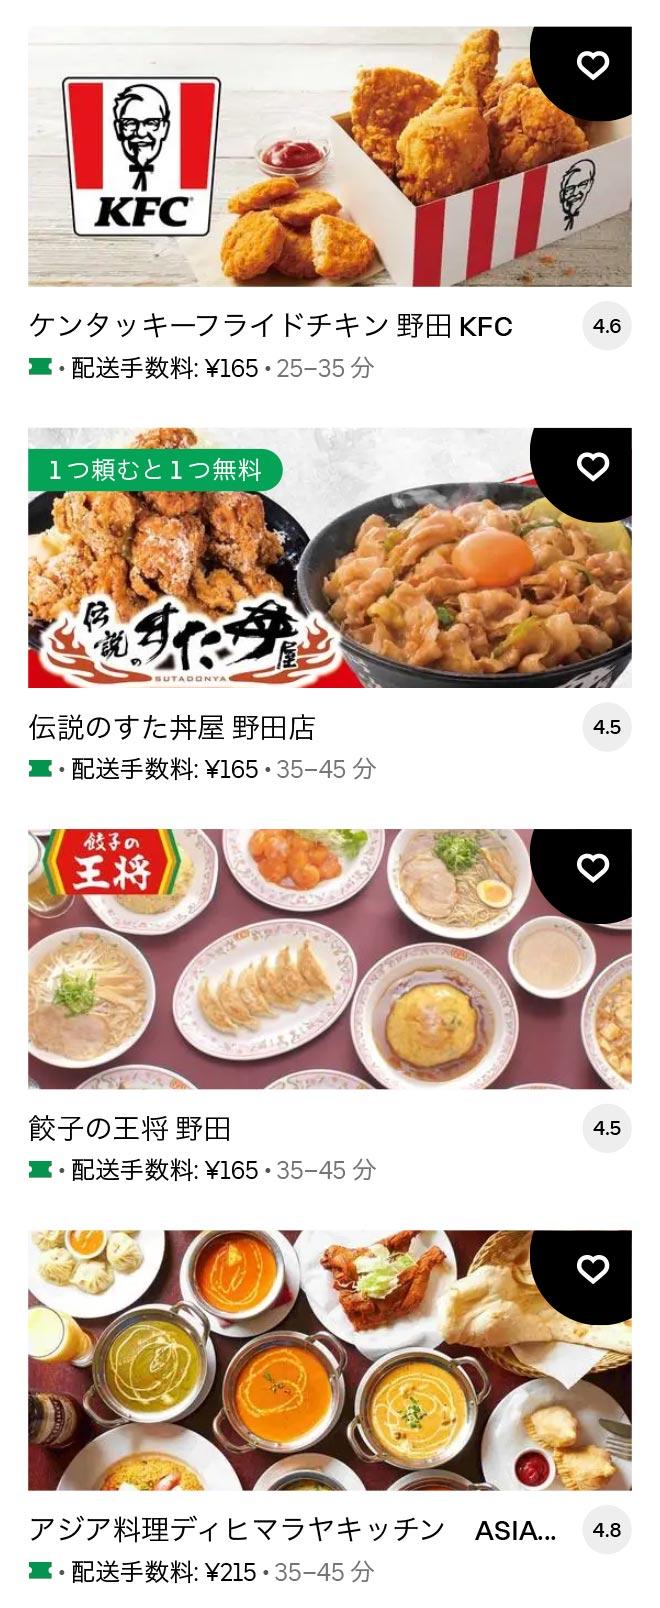 U noda menu 2104 01